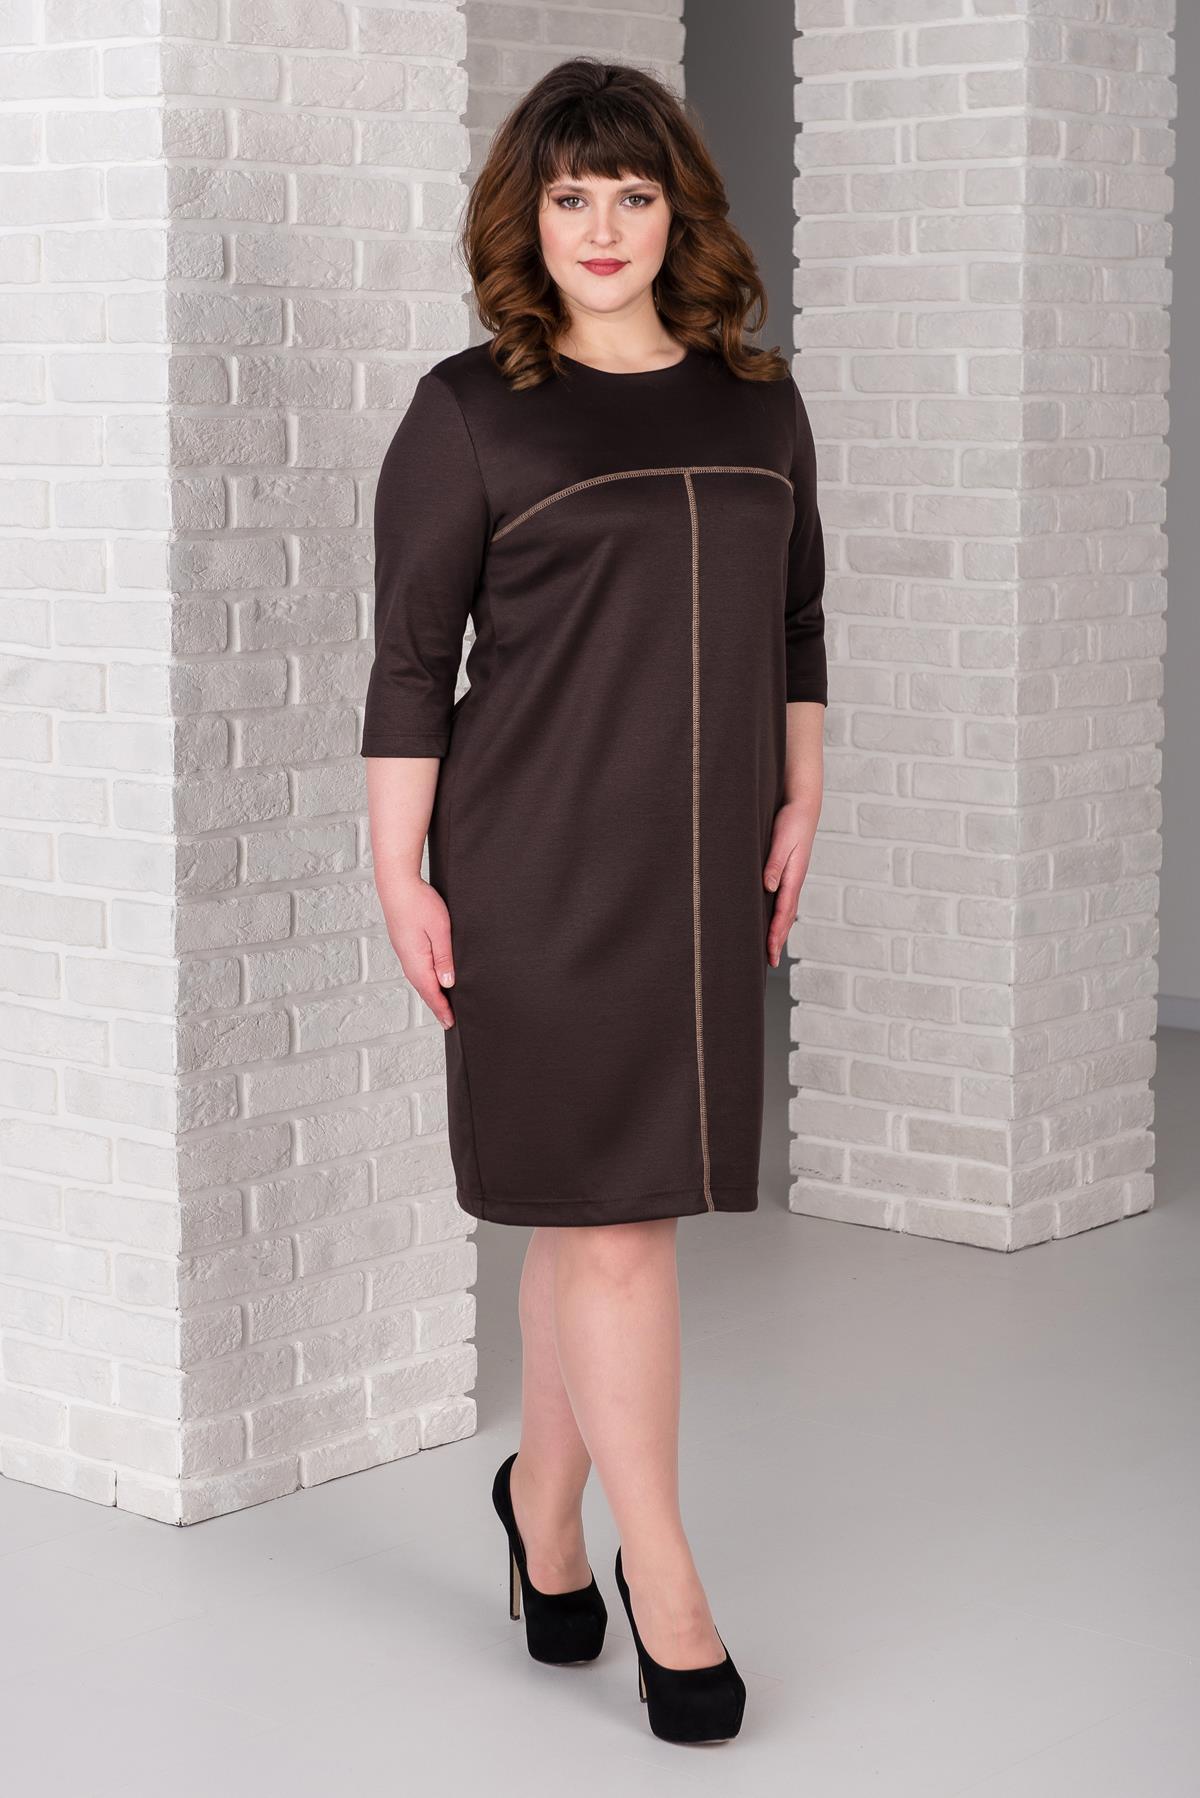 Жен. платье арт. 19-0389 Шоколадный р. 46 фото